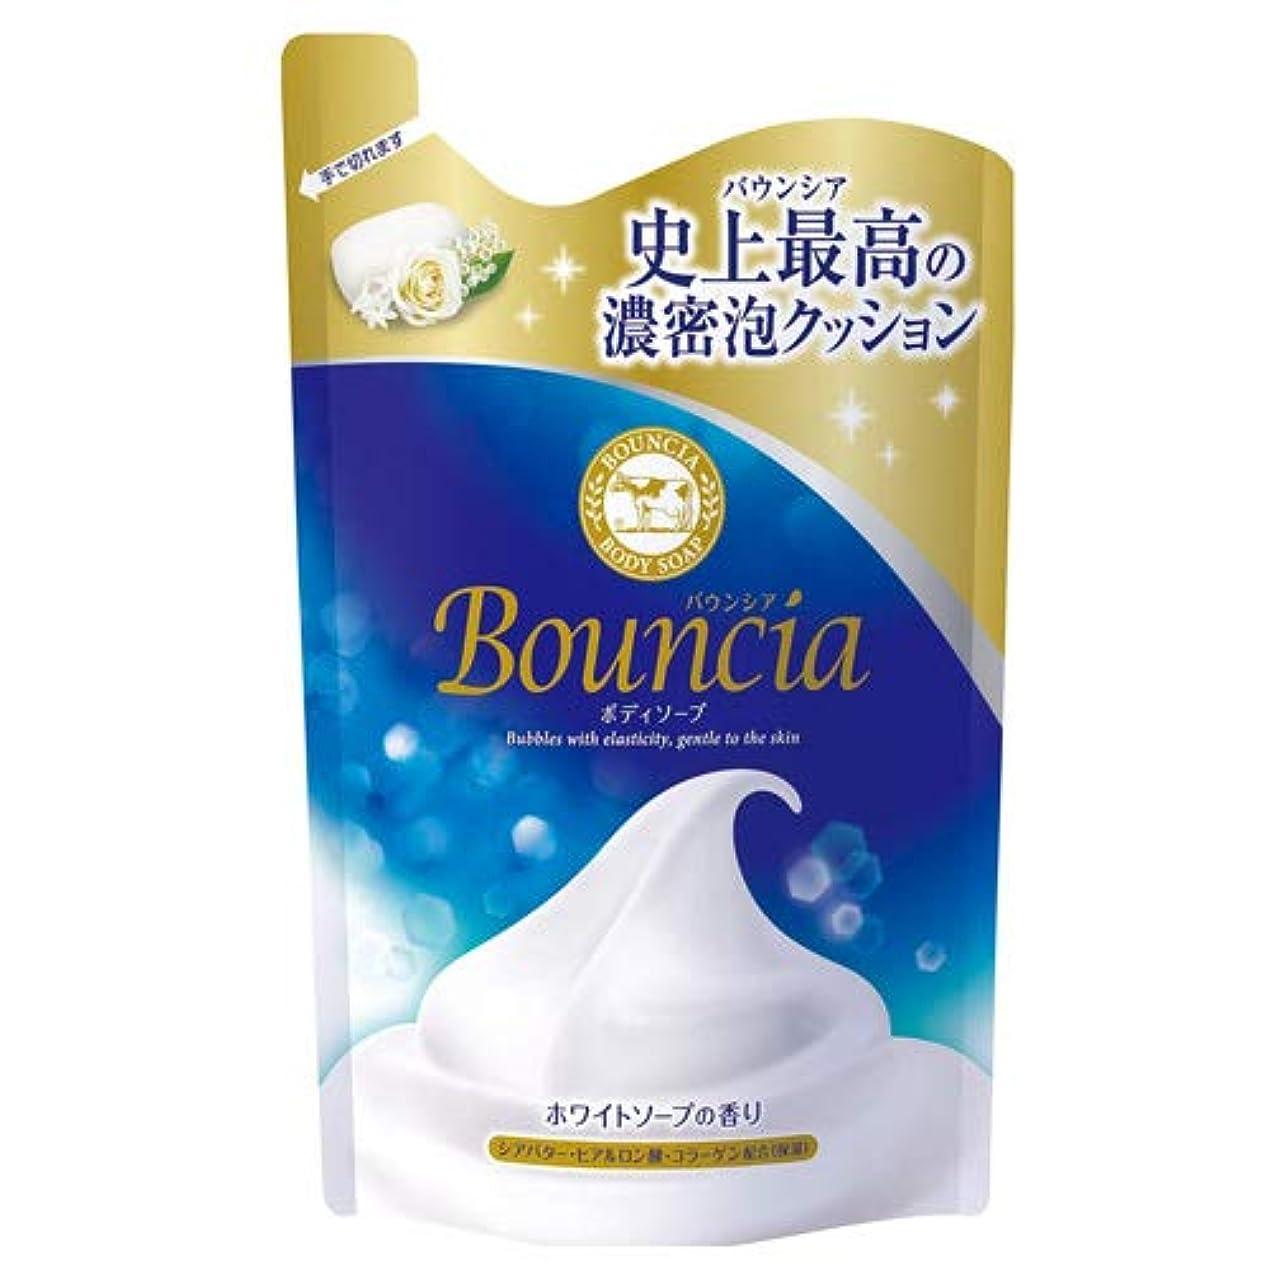 ニンニクコテージ失業者牛乳石鹸 バウンシア ボディソープ 詰替用 400ml×4個